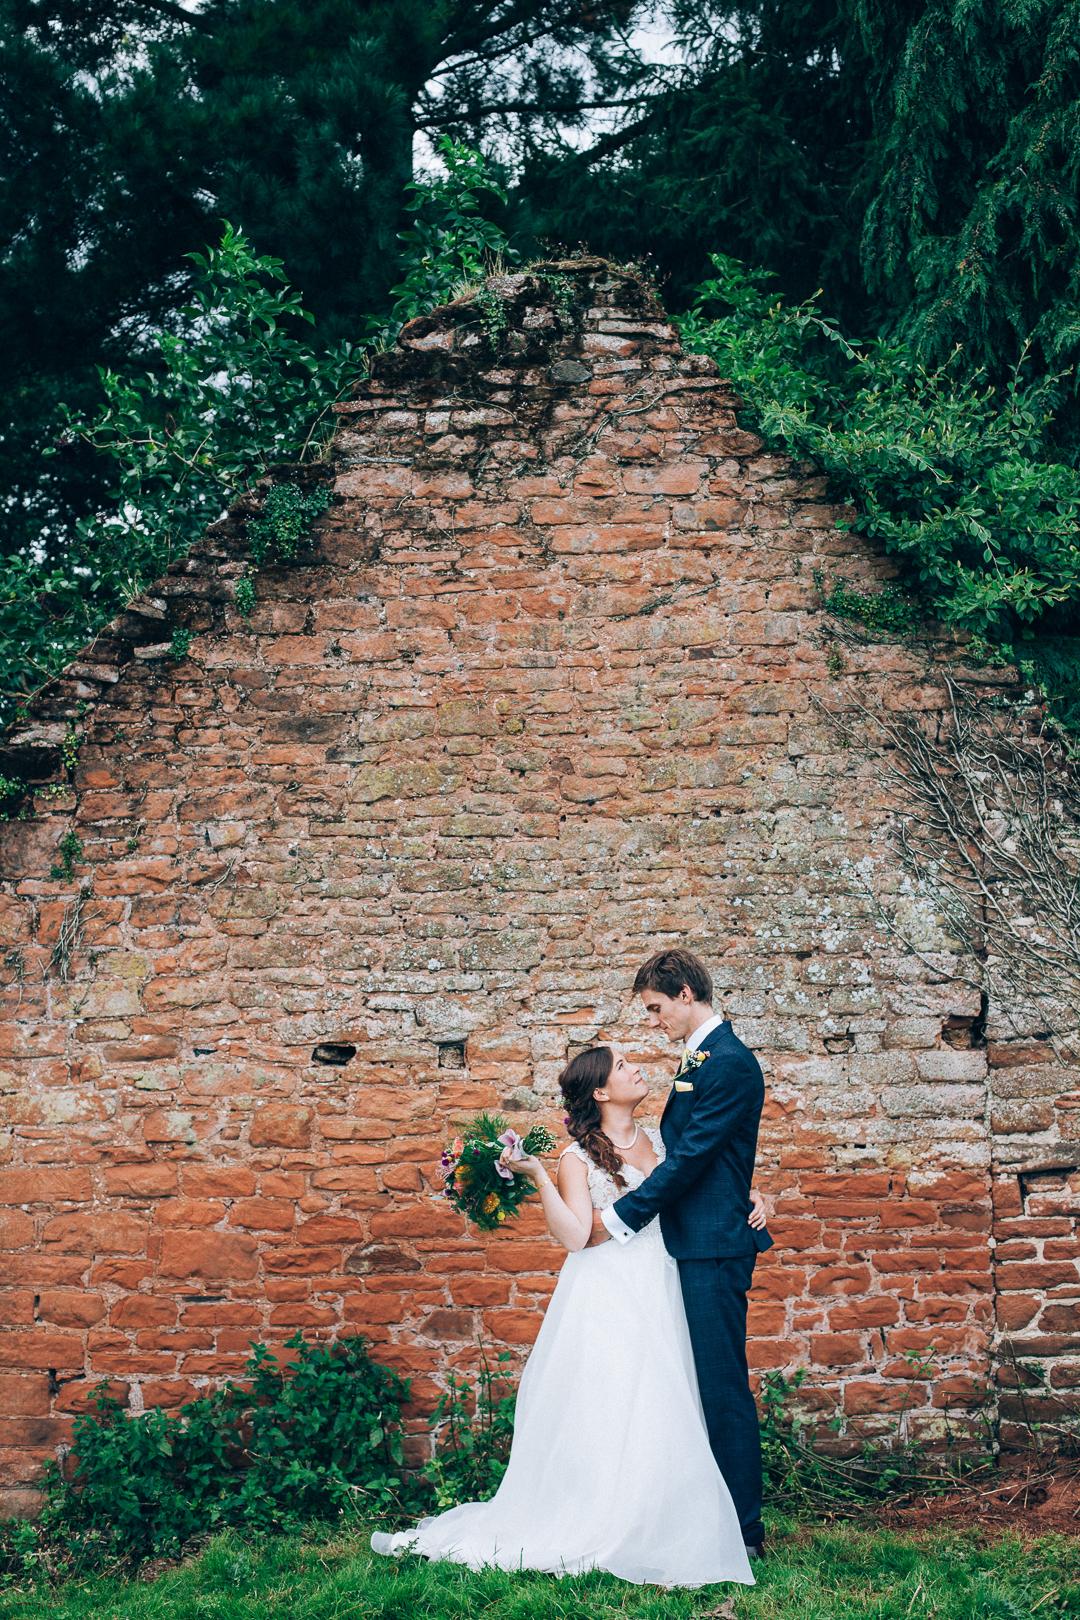 Devon colourful garden wedding humanist ceremony bride & groom portrait image